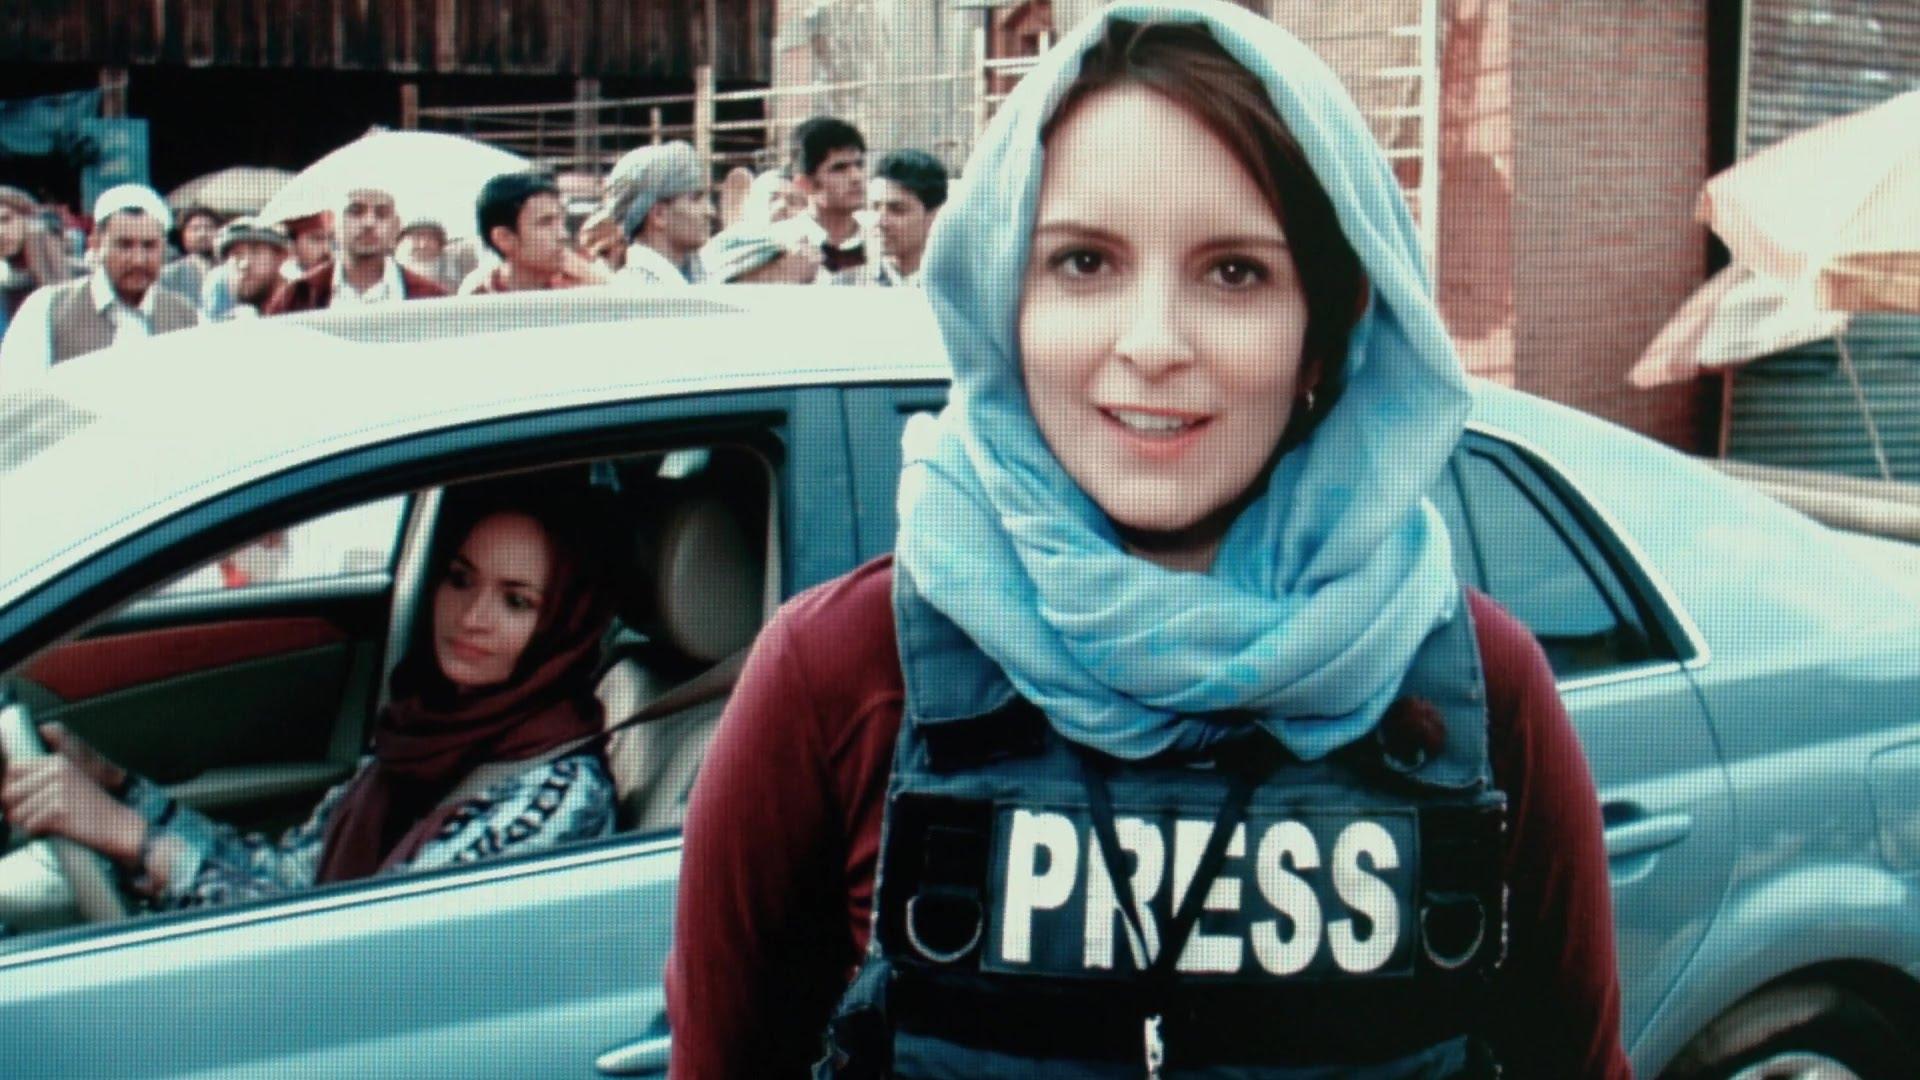 VIDEO: WHISKEY TANGO FOXTROT Prvi trailer za komediju Tine Fey smještenu u Afganistan i Pakistan